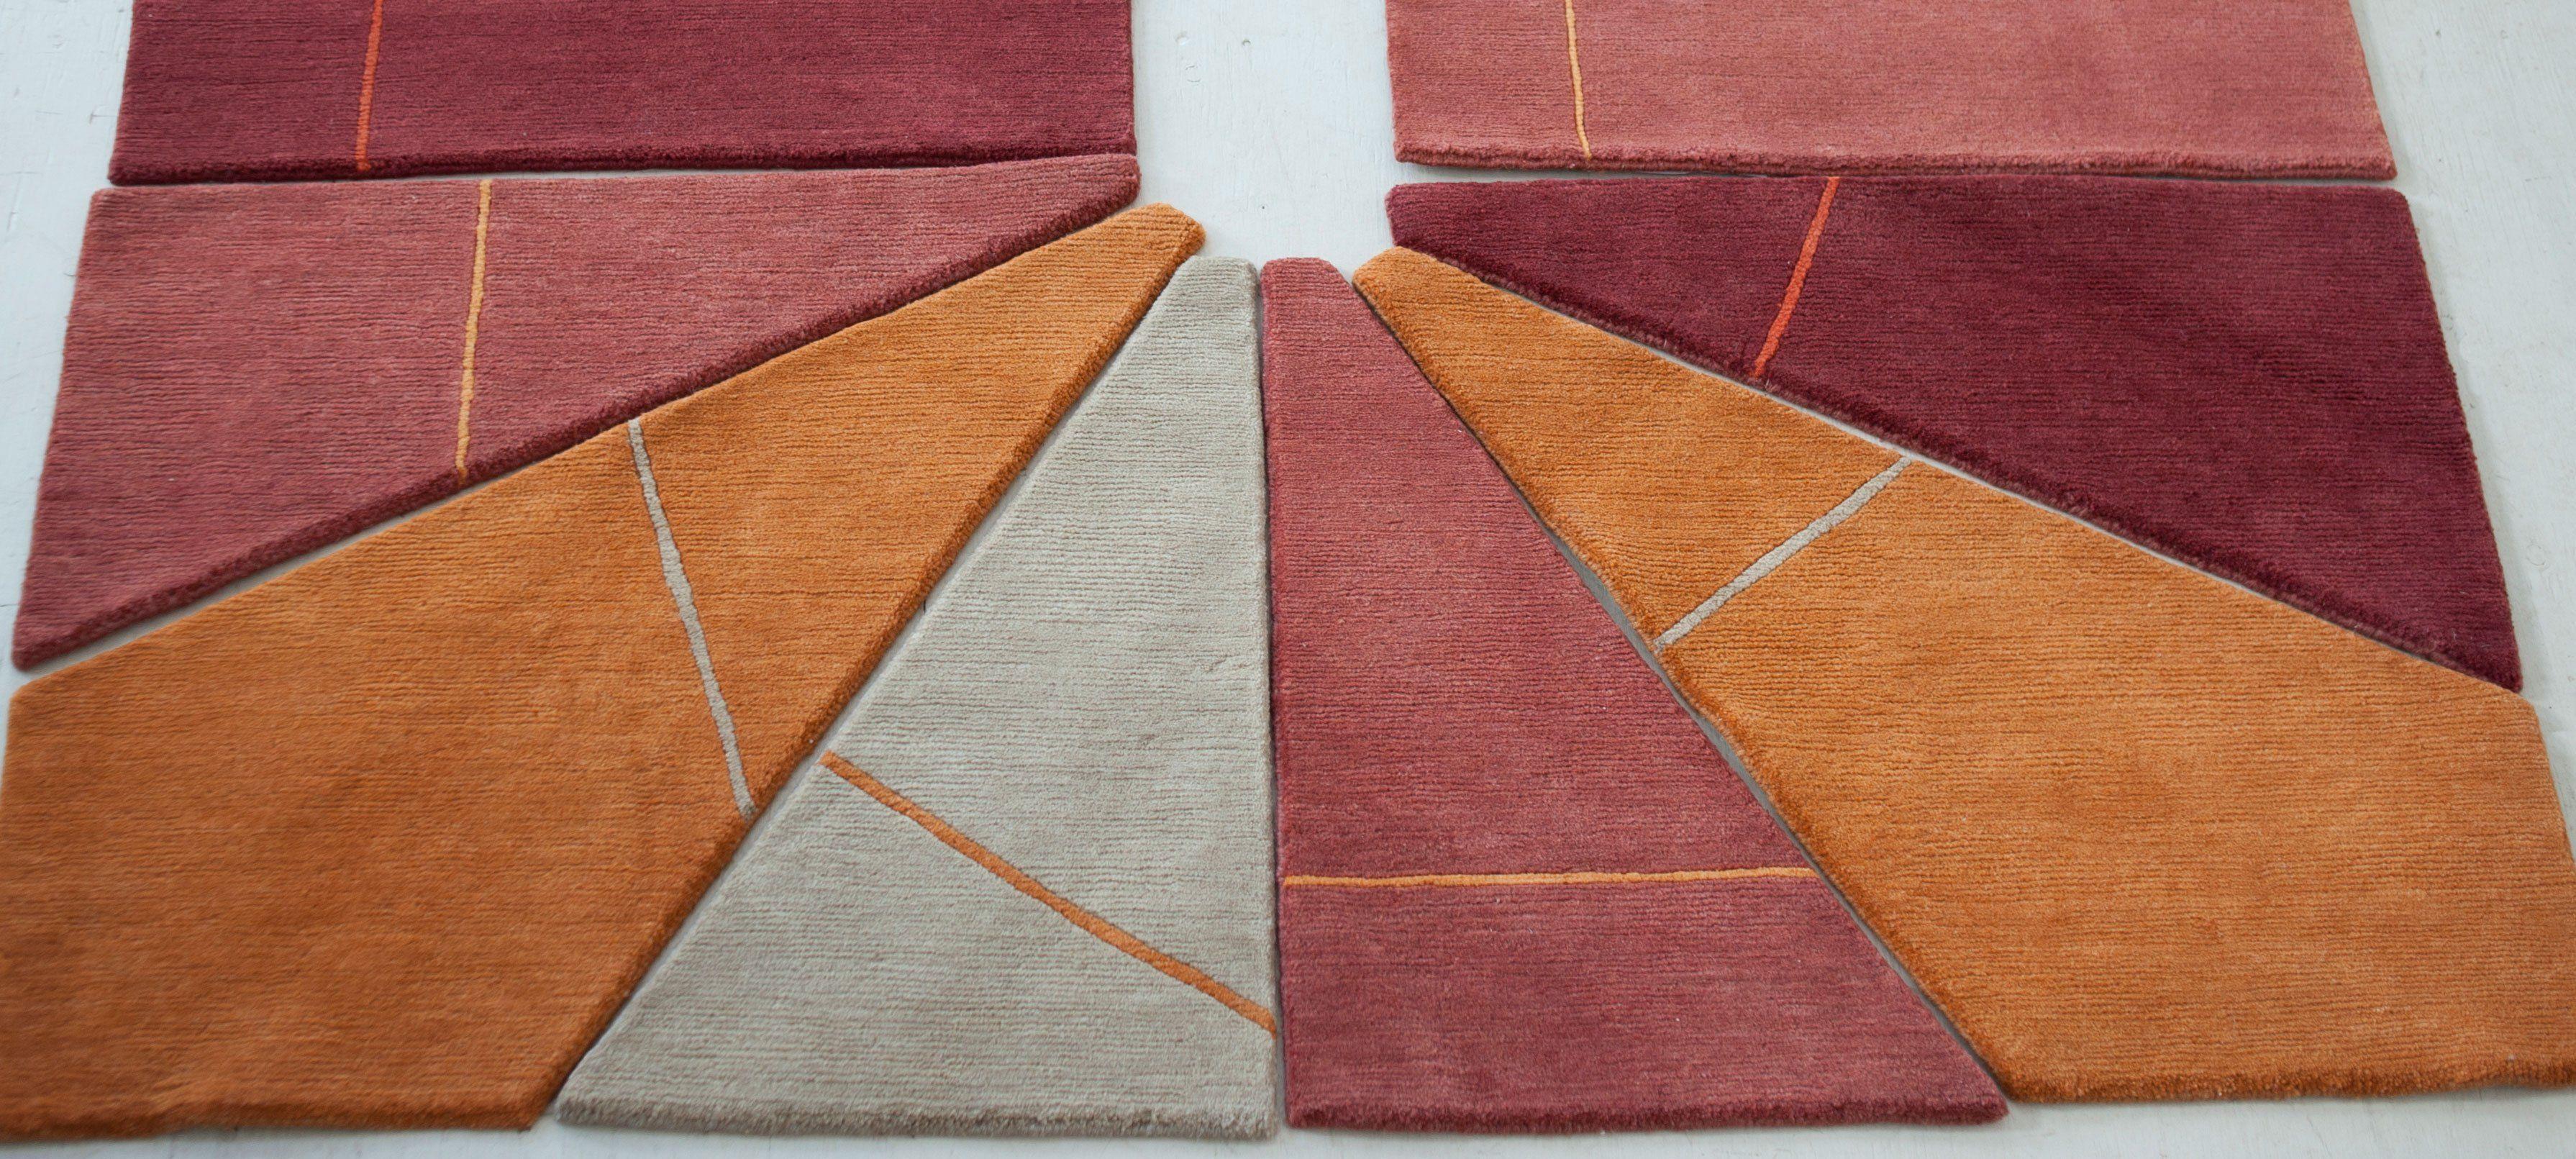 Handmade Rugs For Stairs U0026 Floors. Tibetan U0026 Flatweave. Alto Steps Are Stair  Tread